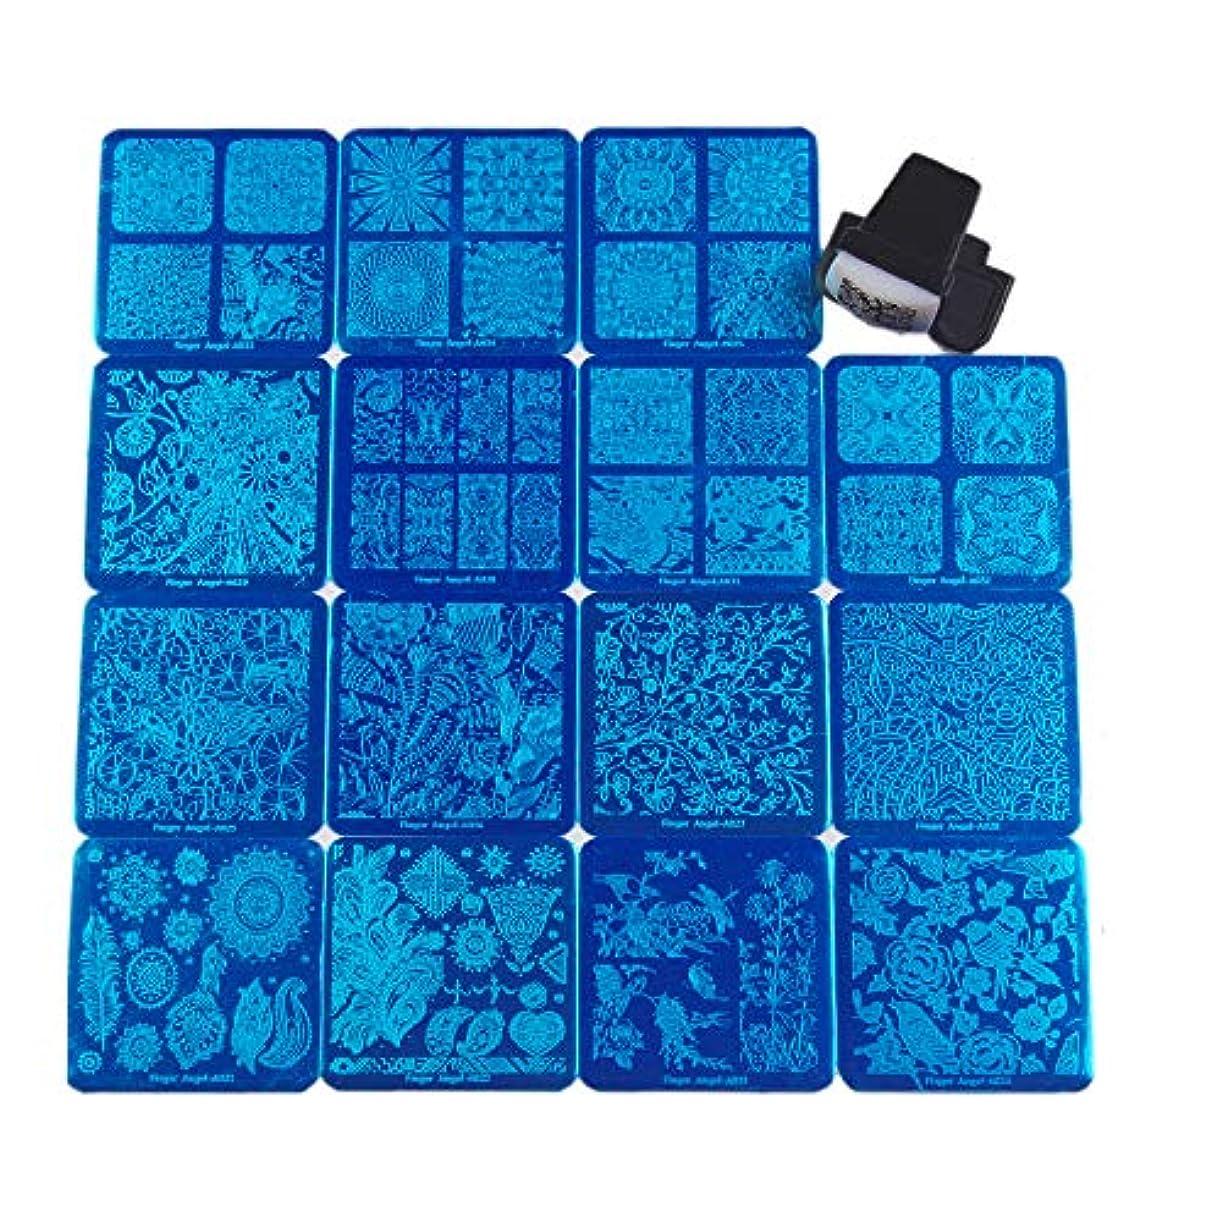 リングレット延期する責任者FingerAngel ネイルイメージプレートセット ネイルプレート正方形15枚 スタンプ スクレーパー カードバッグ付き ネイルサロンも自宅も使えるネイルプレート